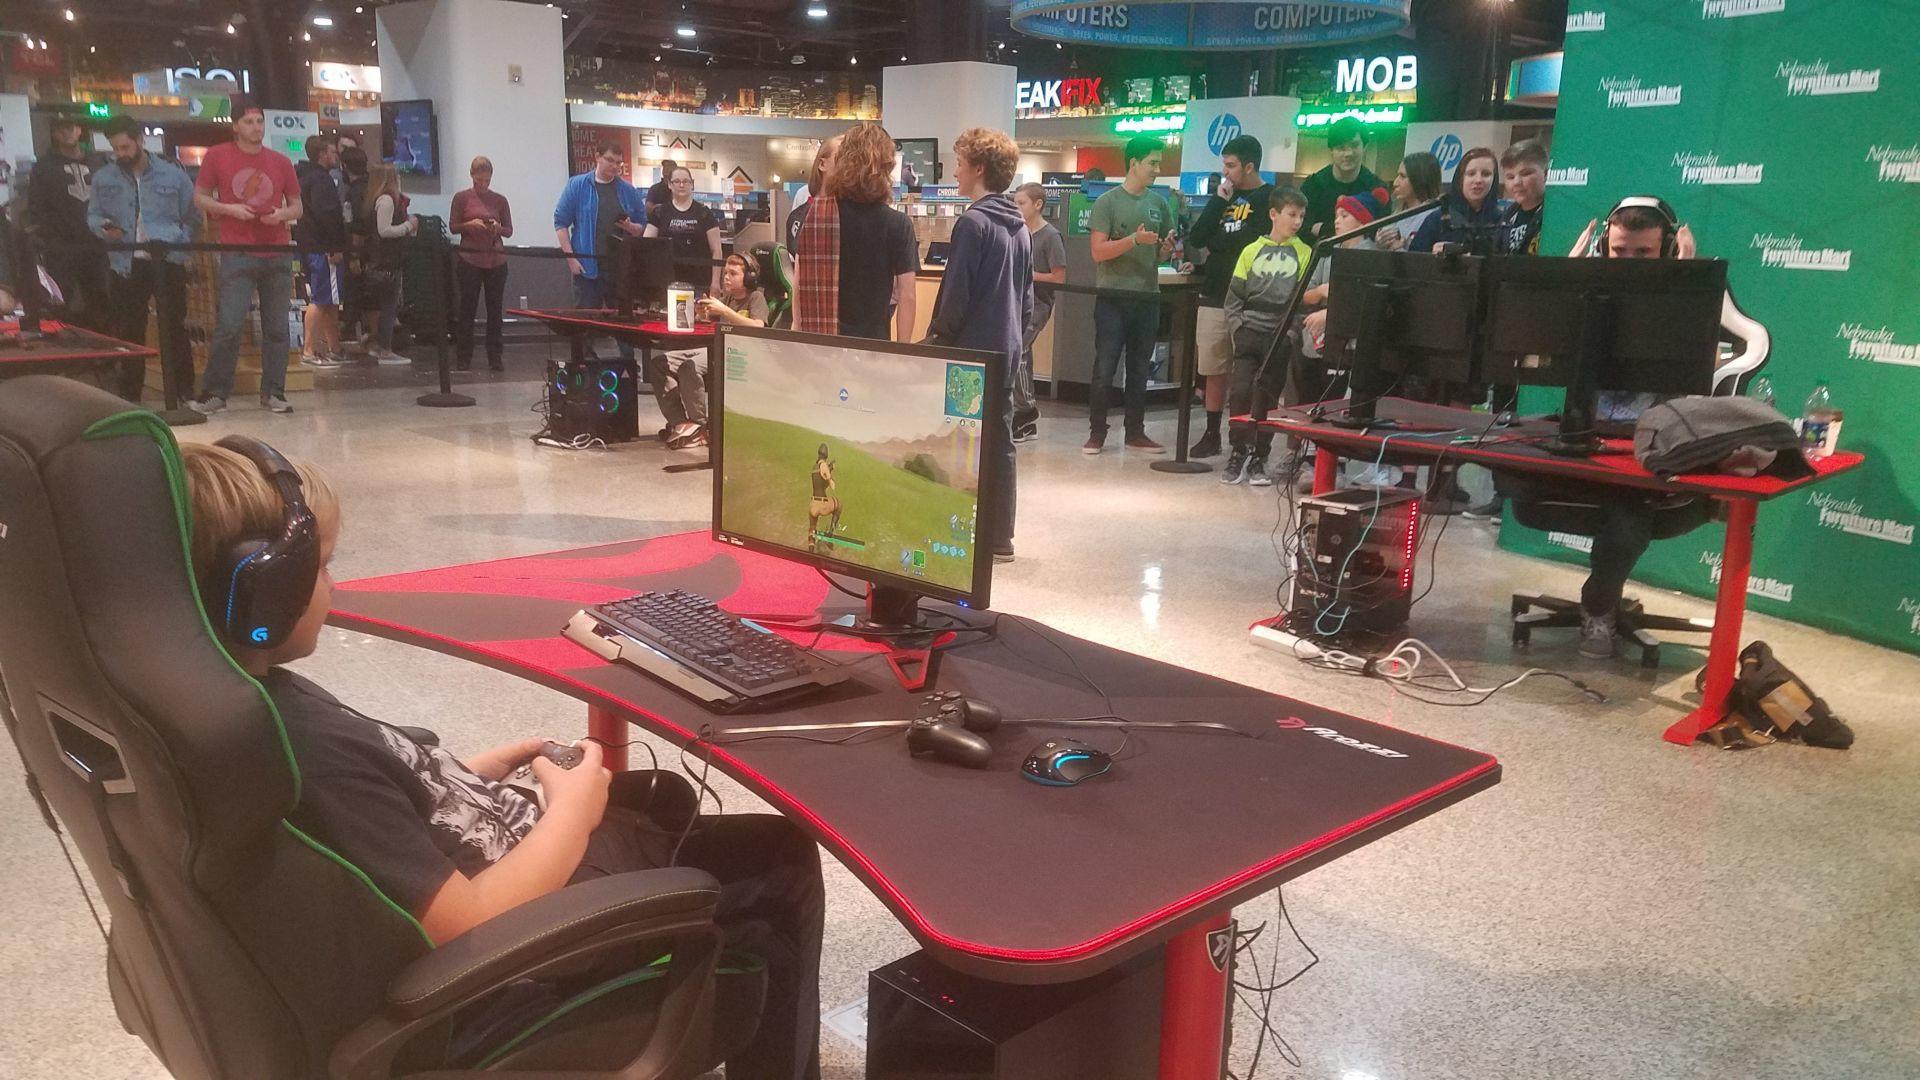 Omaha Gamer DrLupo Plays U0027Fortnite,u0027 Meets About 400 Fans At Nebraska Furniture  Mart